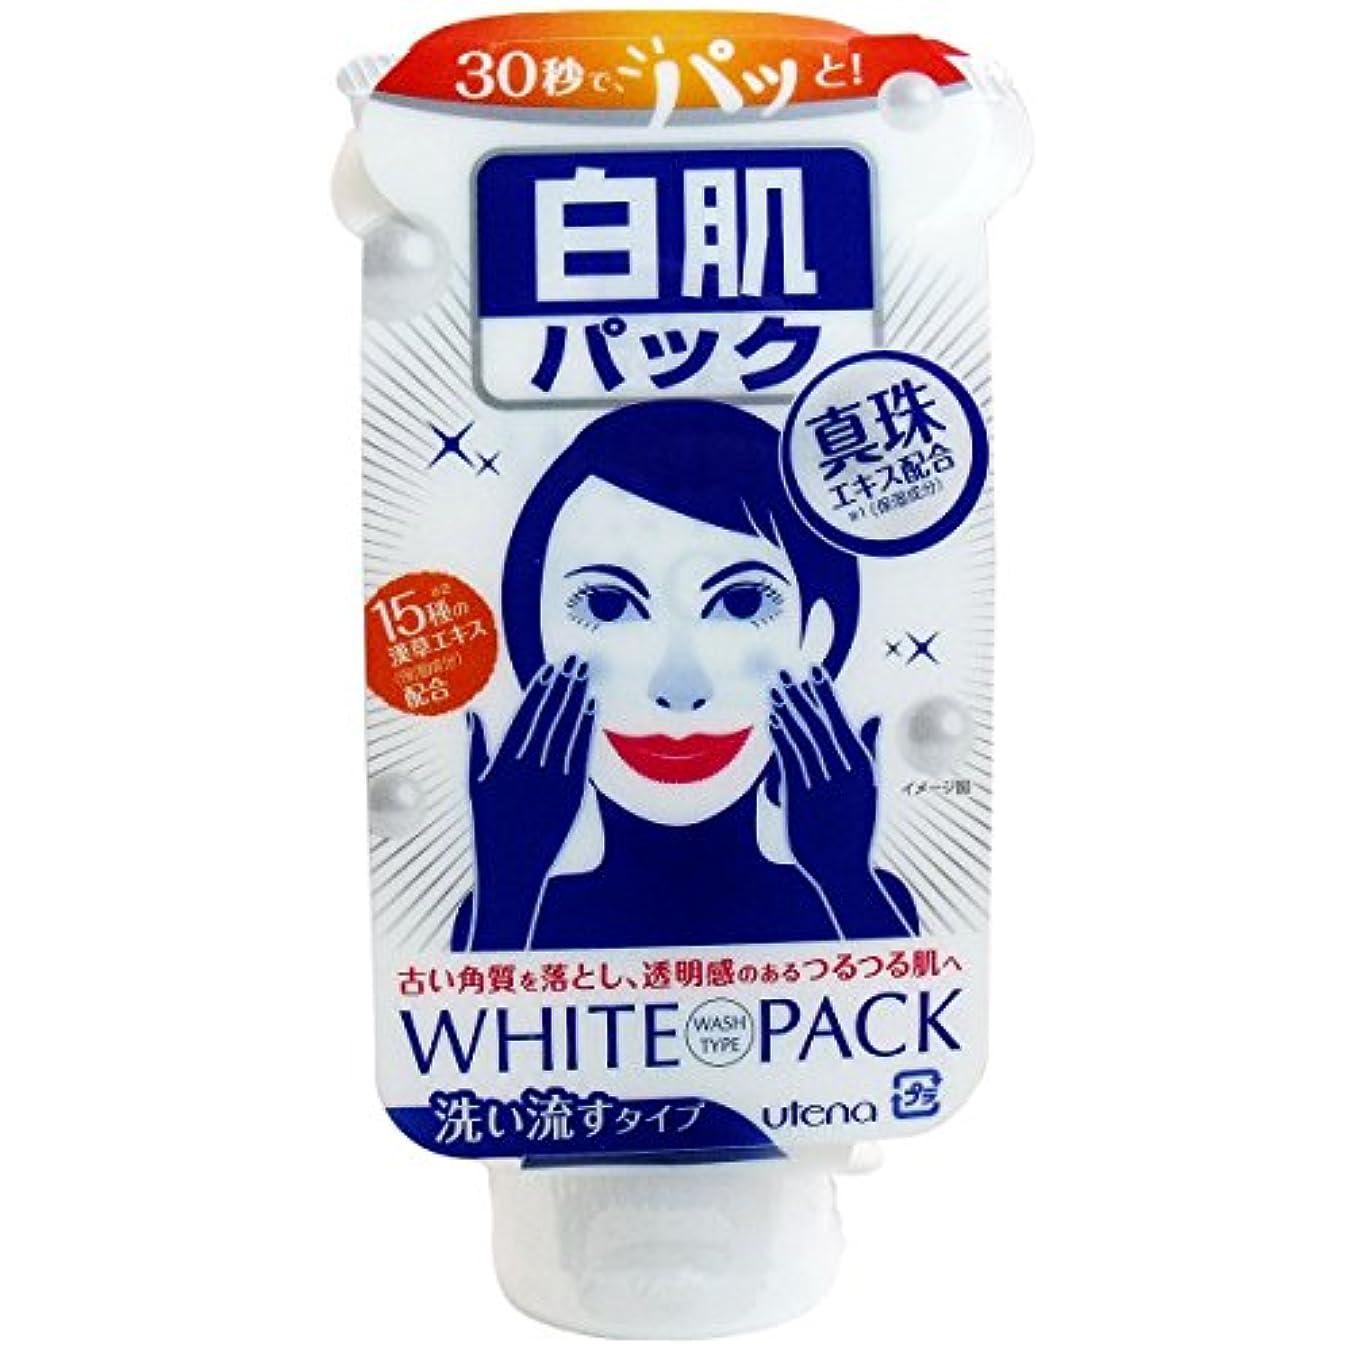 【まとめ買い】ウテナ 白肌すっきりパック 140g ×2セット